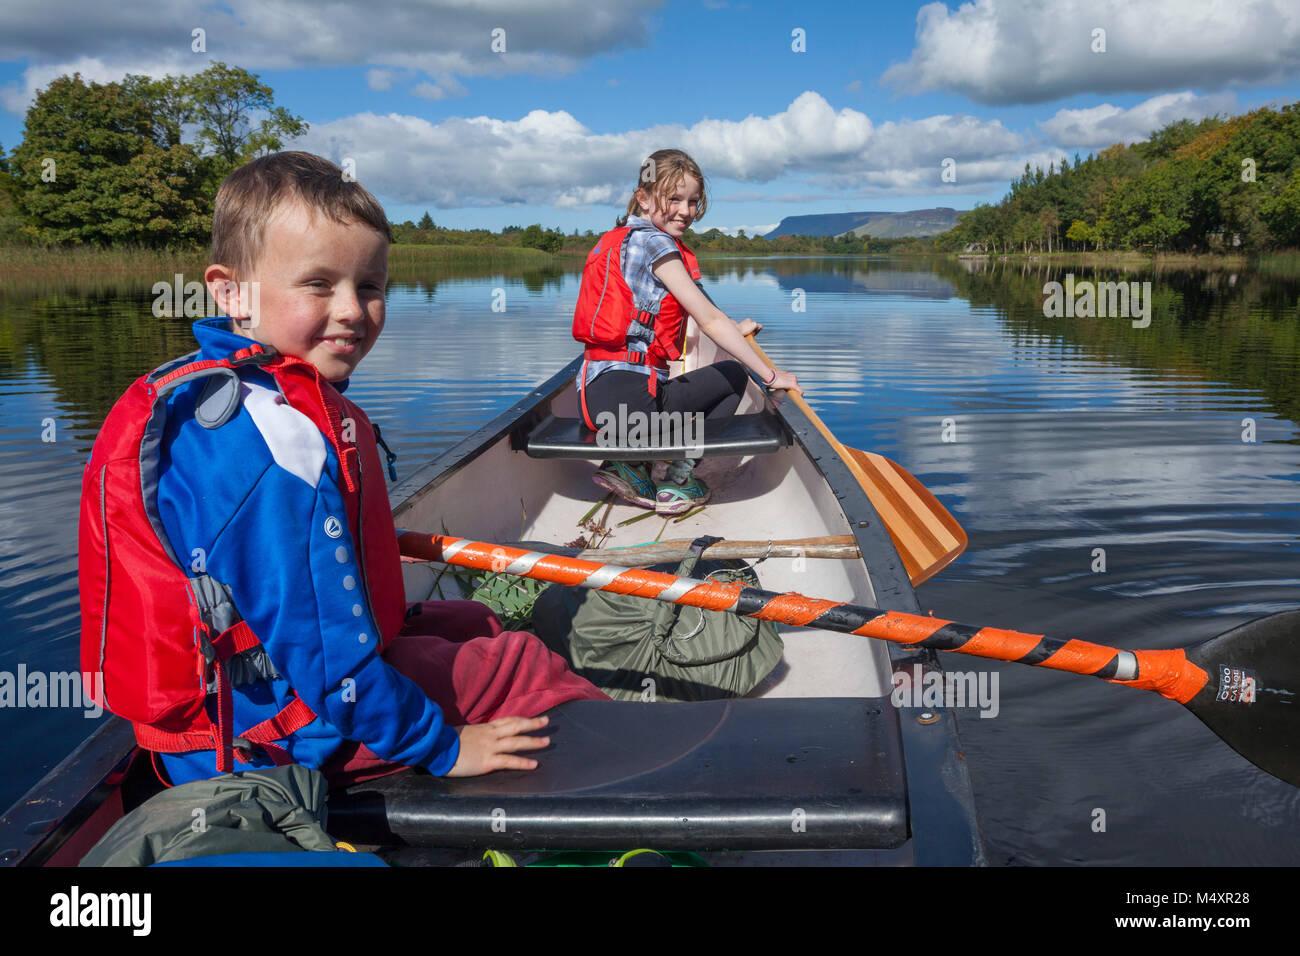 Family canoeing the Garavogue River to Lough Gill, Sligo town, County Sligo, Ireland. - Stock Image